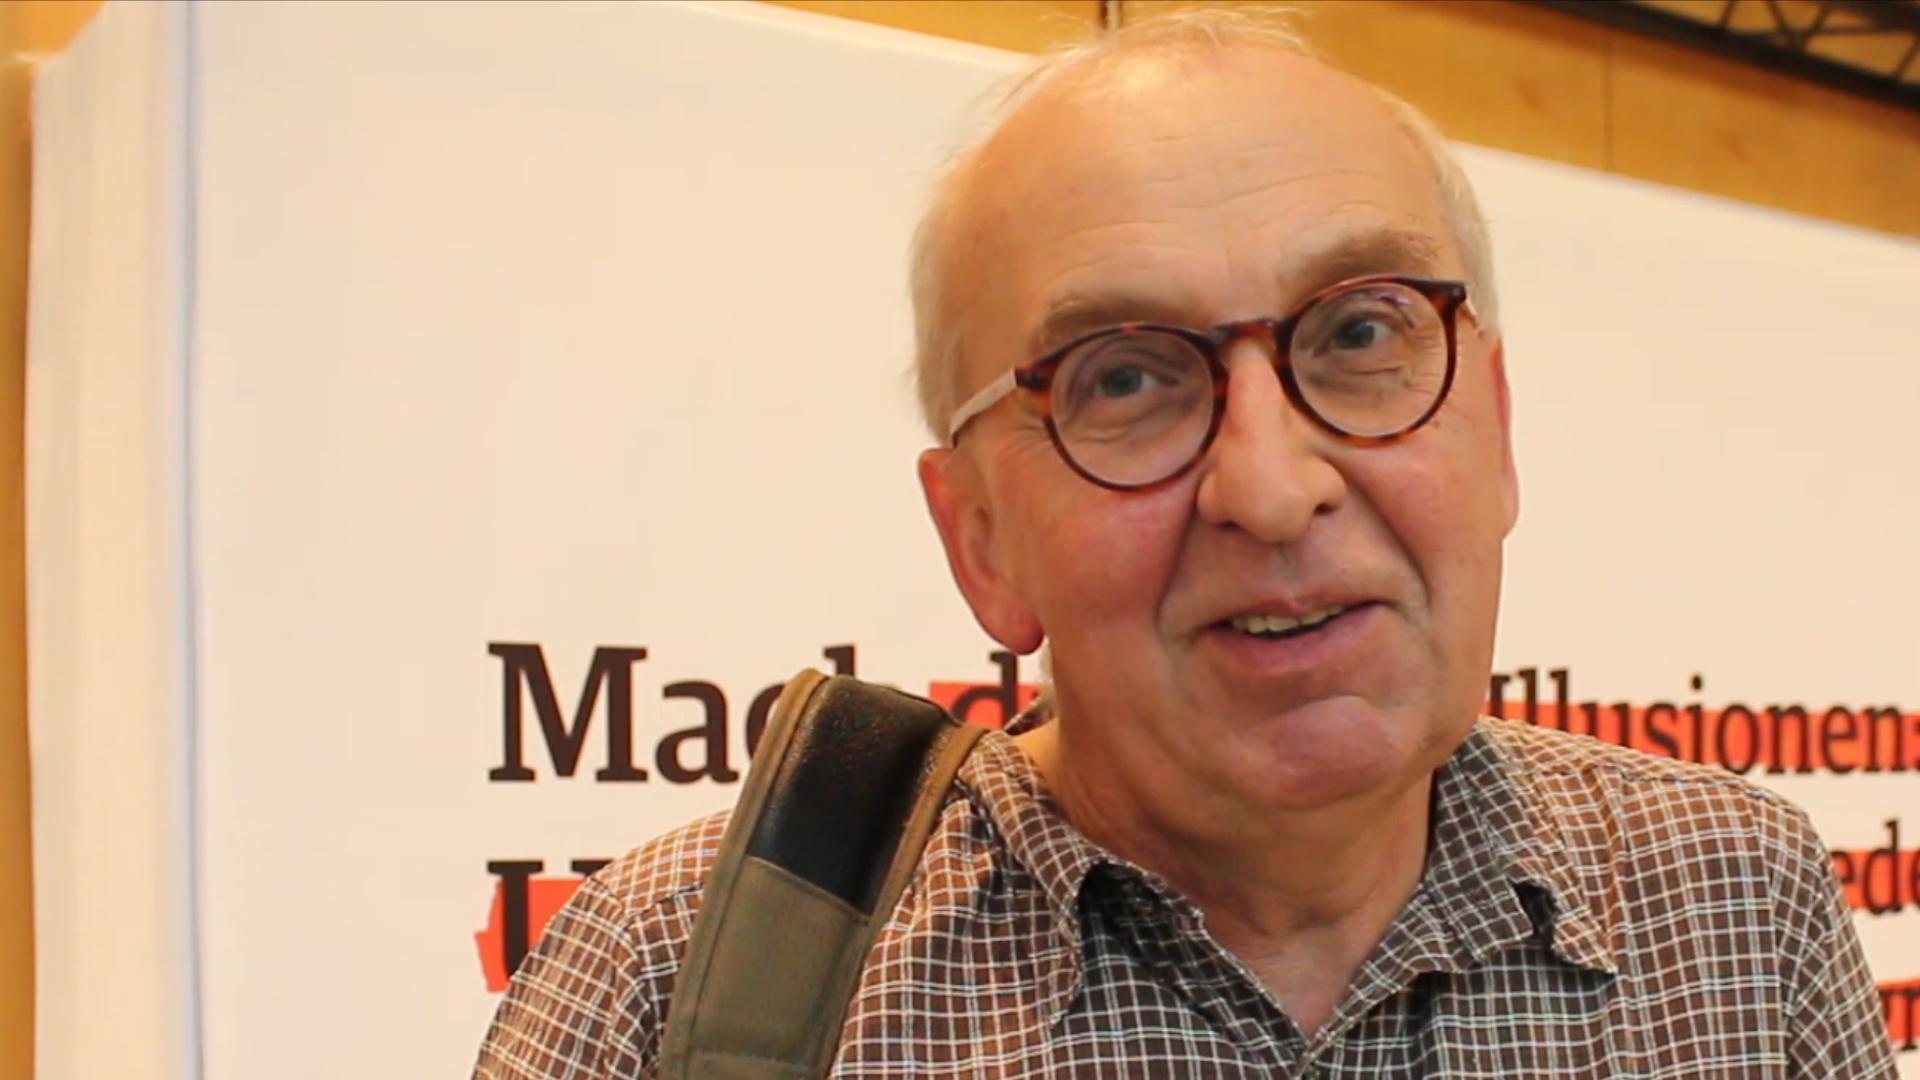 Jochen Stammnitz